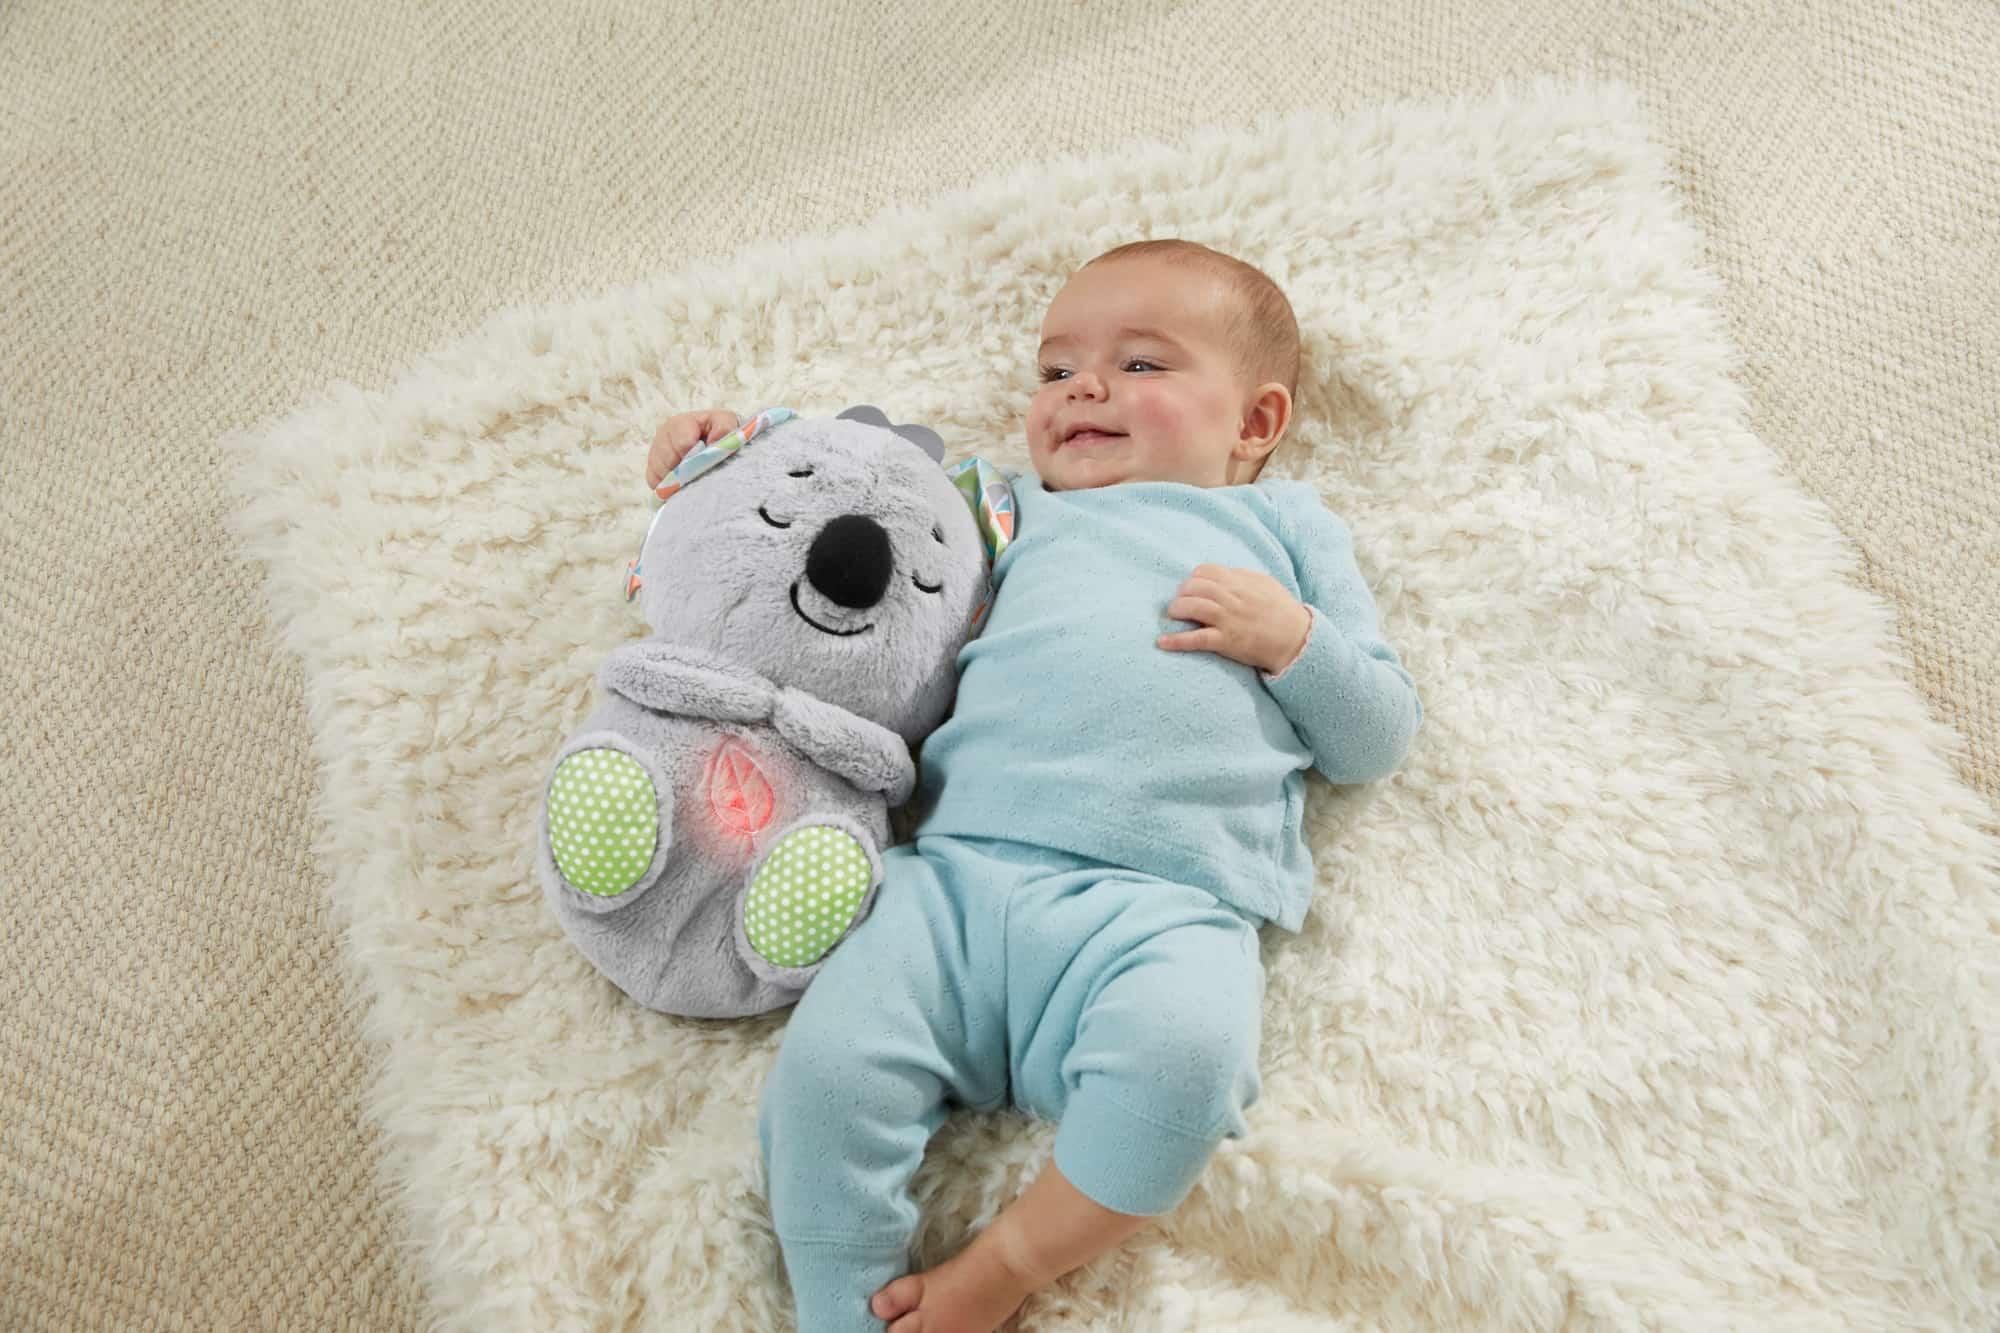 Der Schlummer-Koala von FisherPrice beruhigt dein Baby – die beste Voraussetzung fürs Einschlafen.